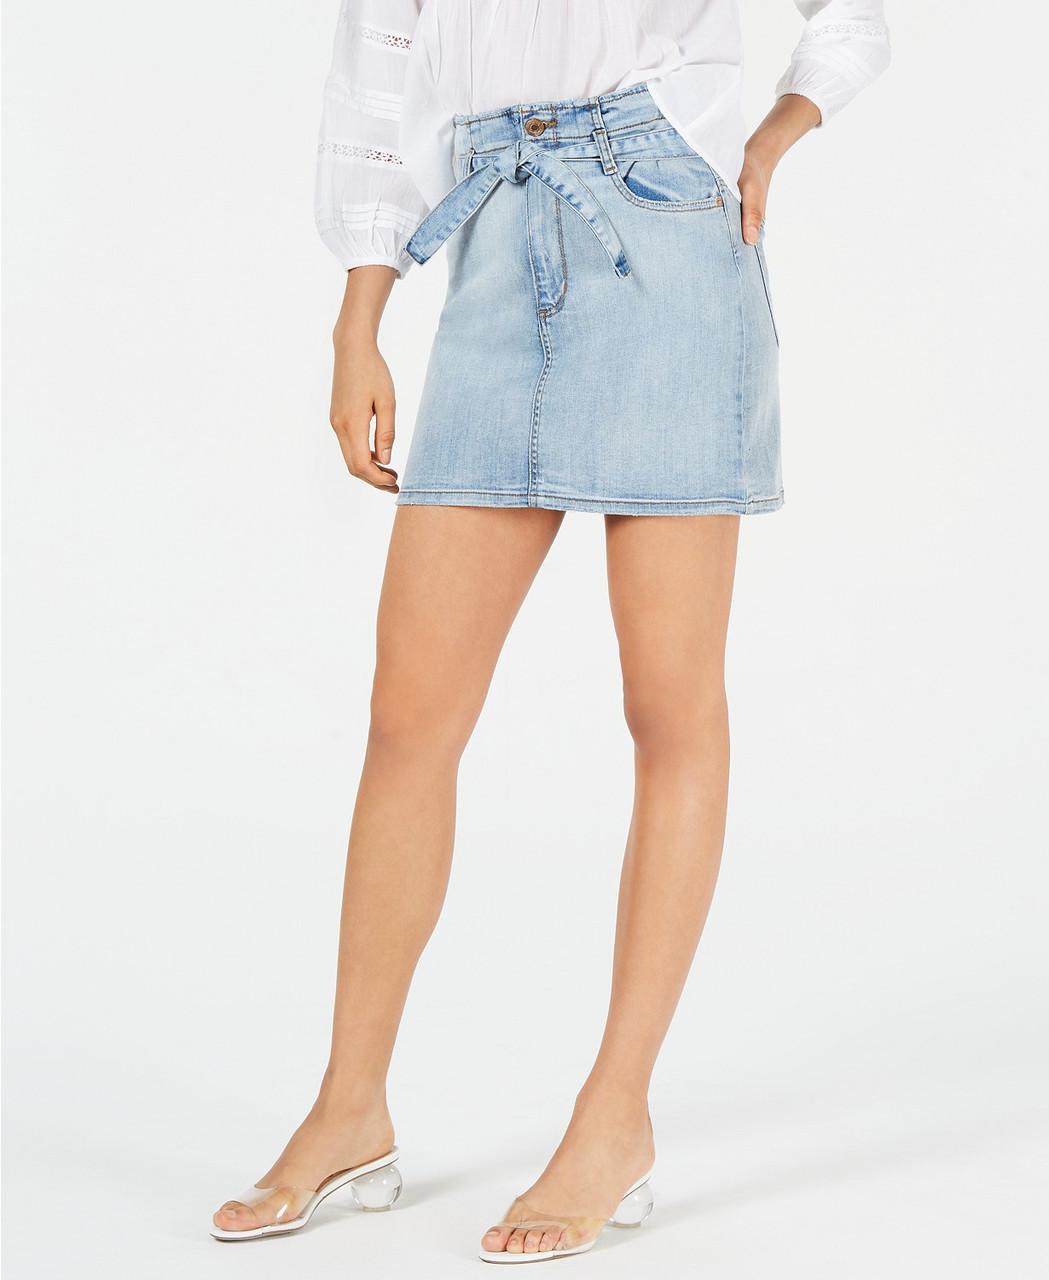 Sts Blue Женская джинсовая юбка - Е2